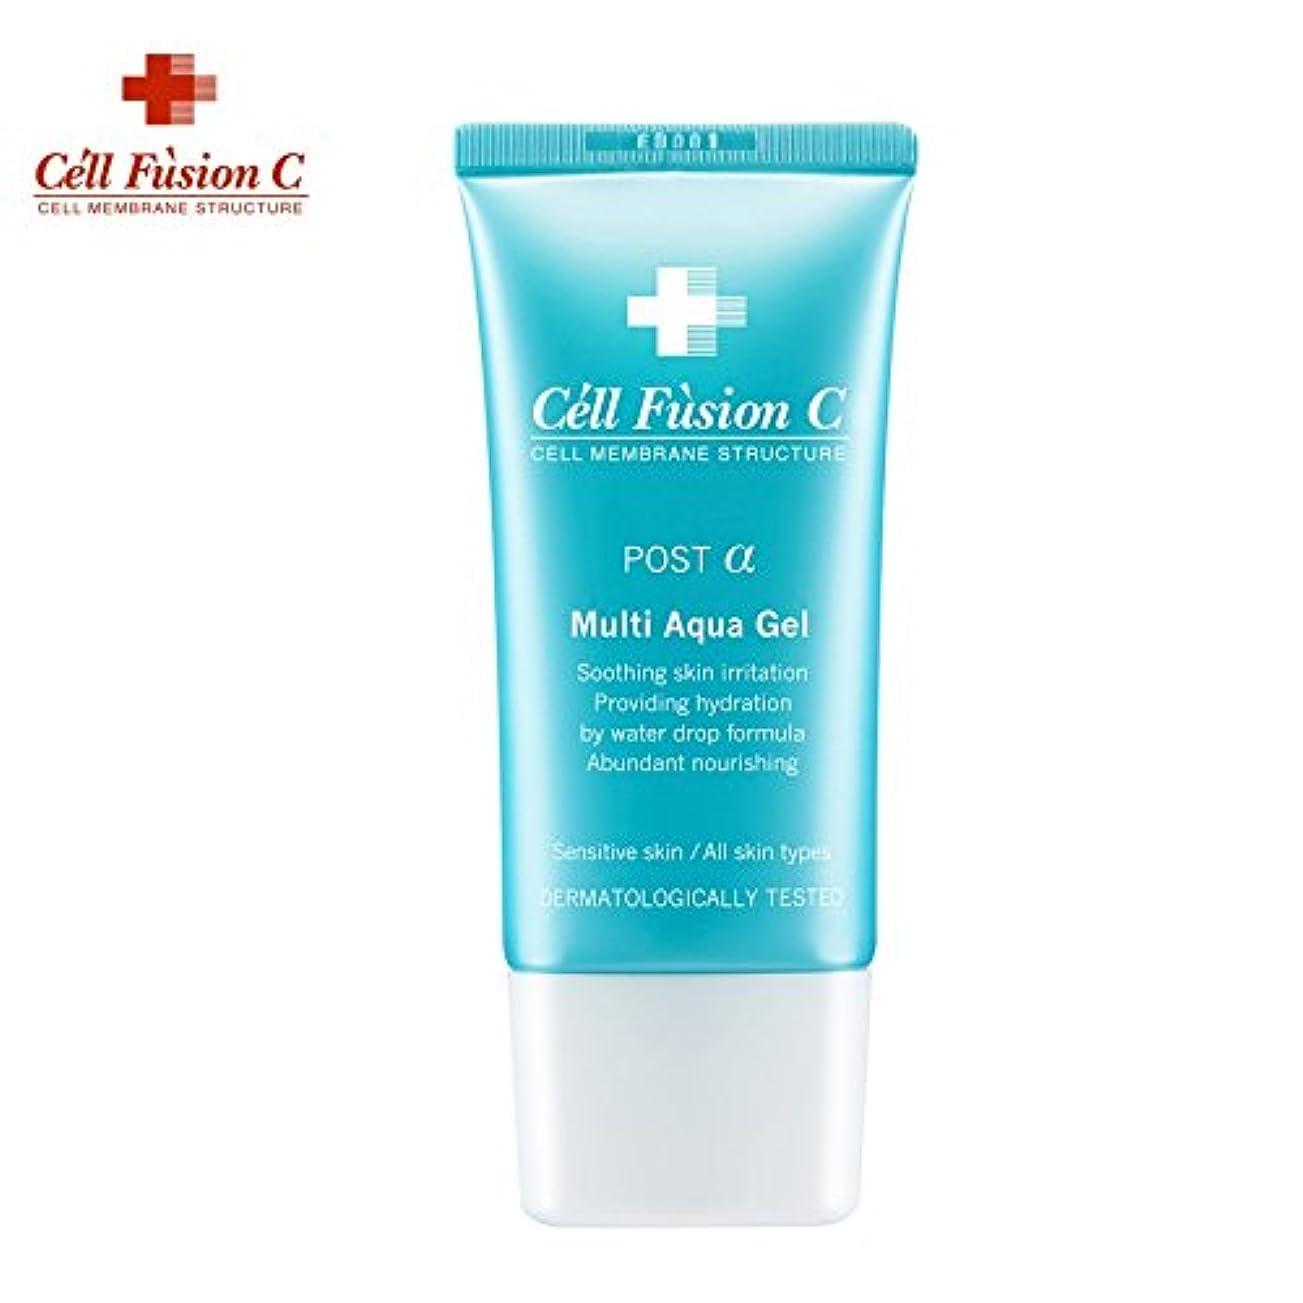 セルフュージョンCマルチアクアジェル(モイスチャーセラム)[韓国人気コスメ イージーデュー 芸能人化粧品](CELL FUSION C Multi Aqua Gel (Moisture Serum)) [並行輸入品]